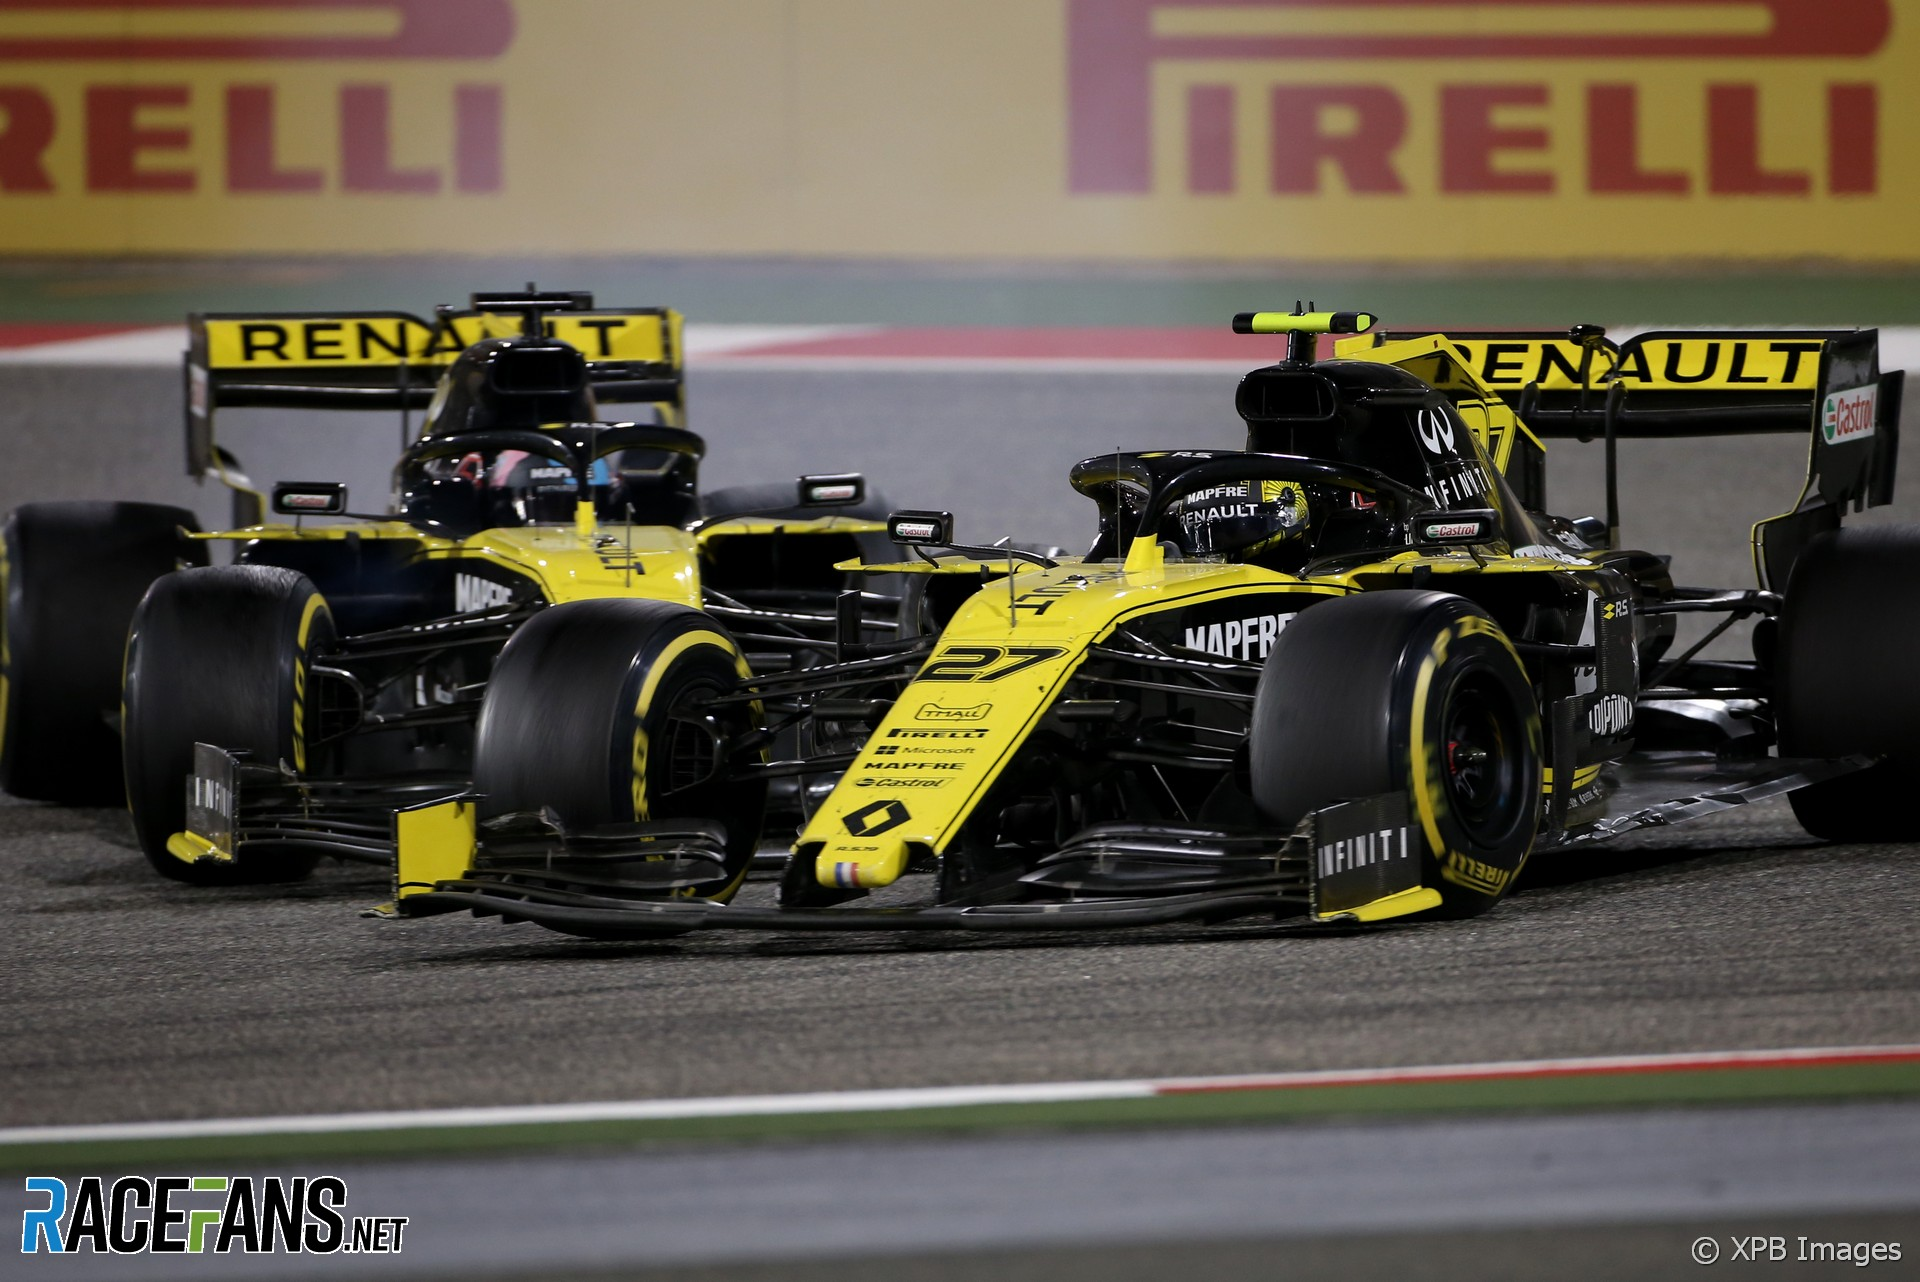 Nico Hulkenberg, Renault, Bahrain International Circuit, 2019